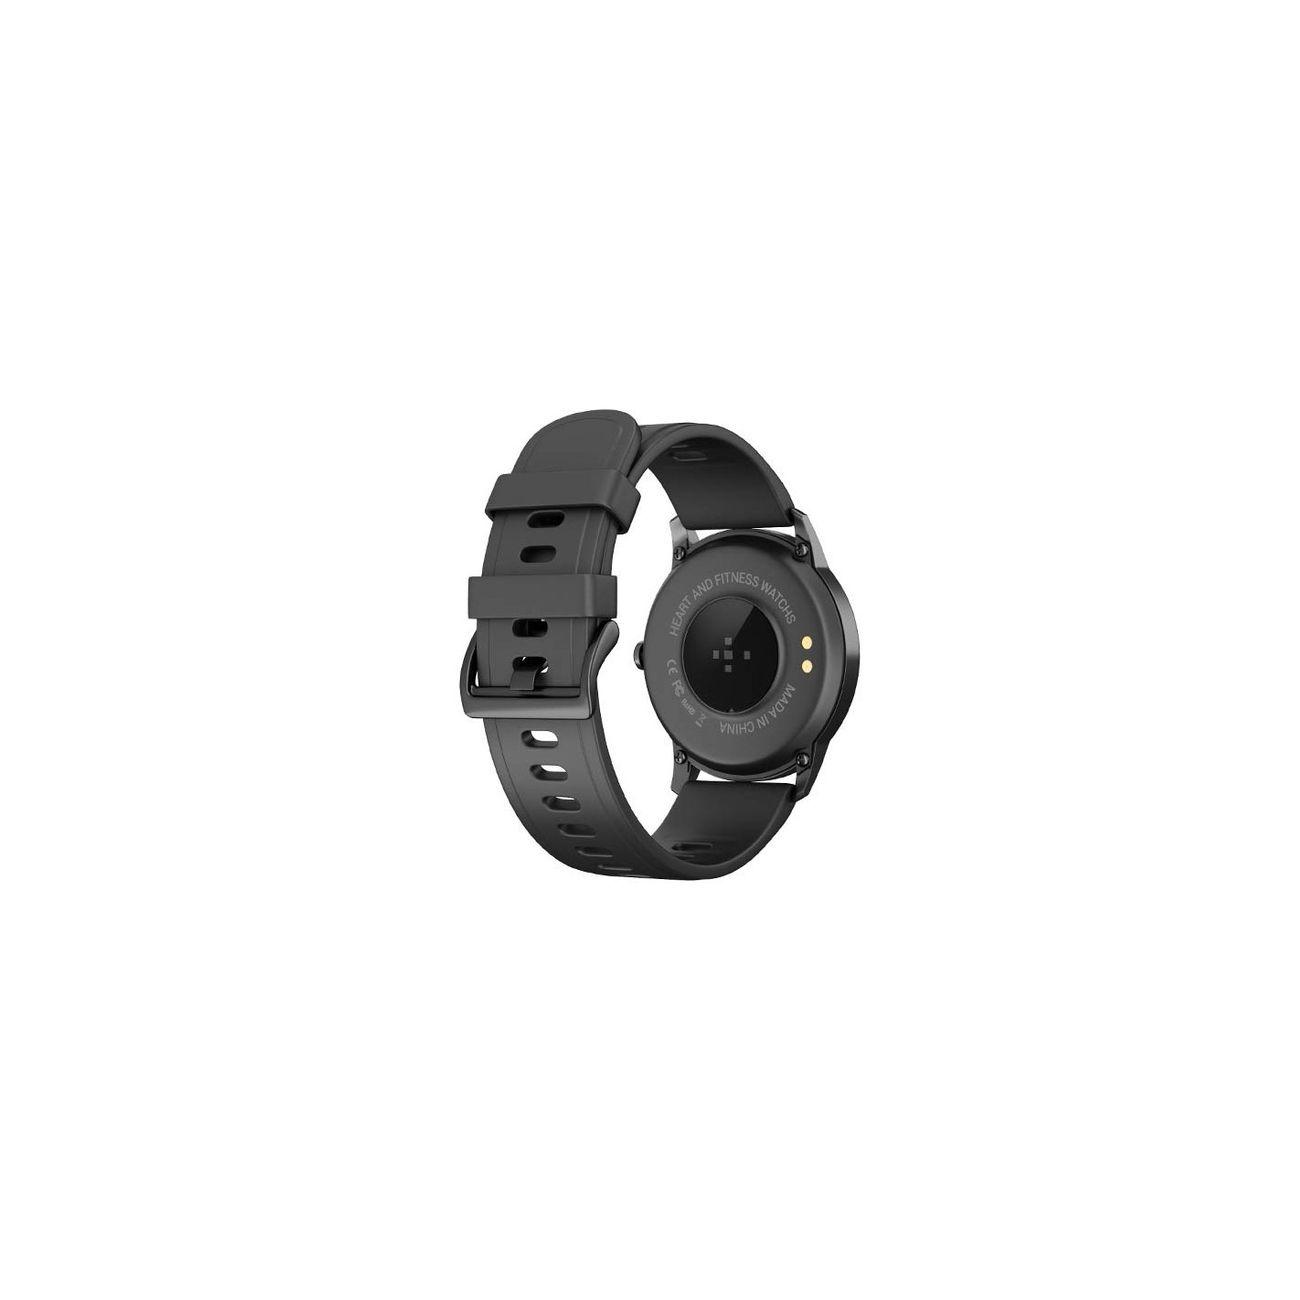 CELLYS Montre connectée Bluetooth Reverse